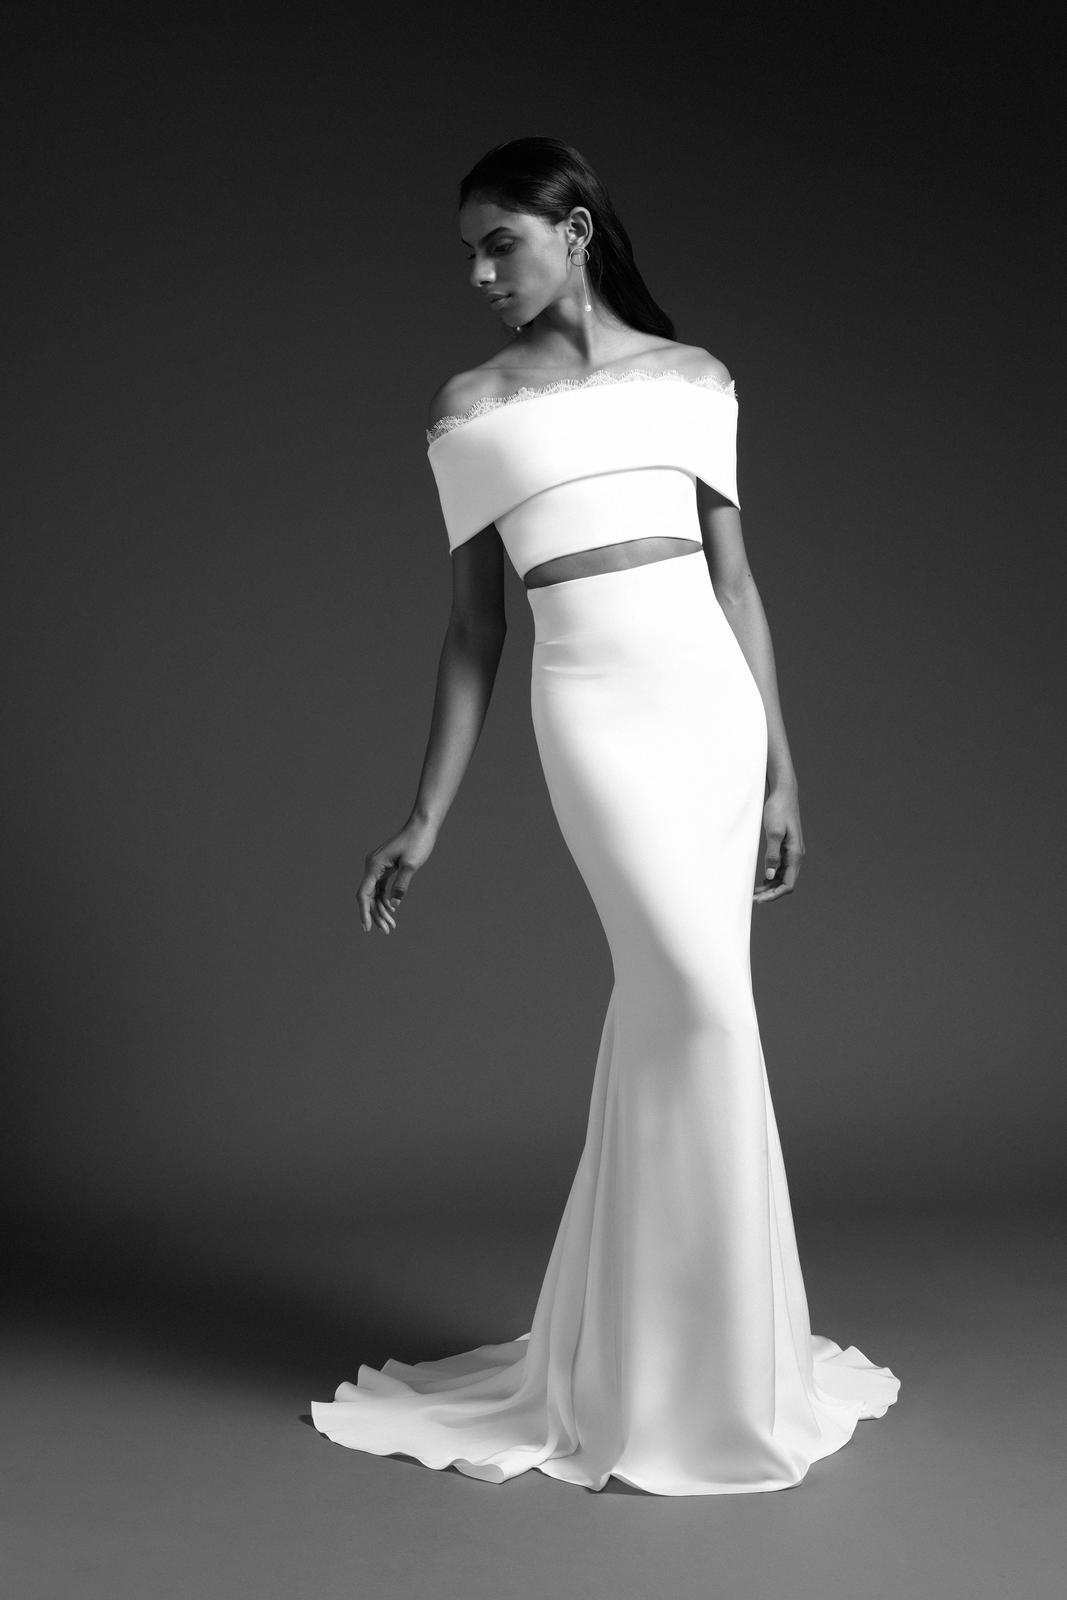 Tak jednoducho, ako sa len dá (minimalizmus v svadobných šatách) - Obrázok č. 92